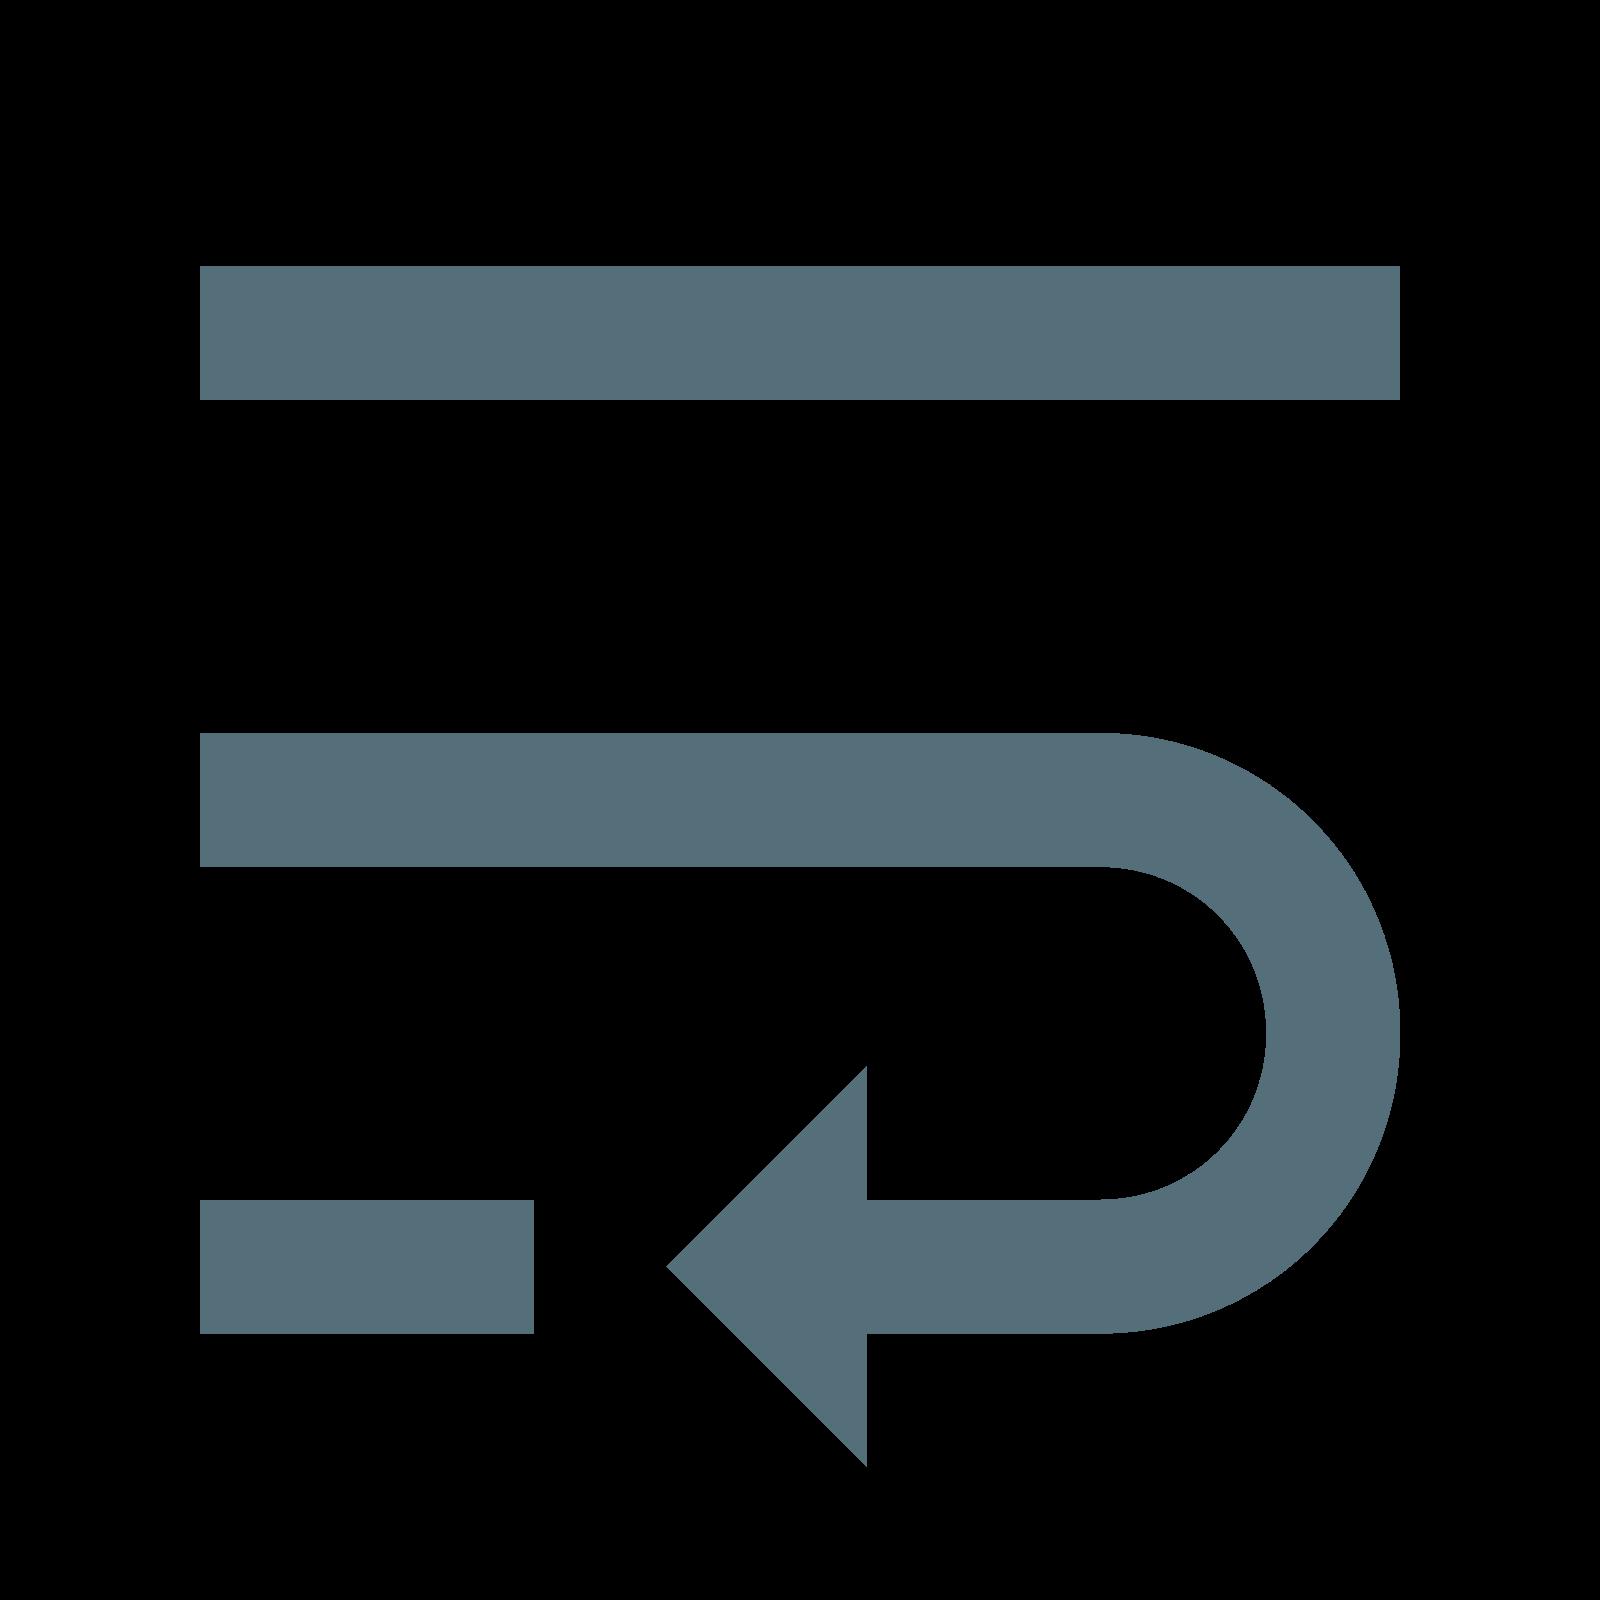 Zawijanie tekstu icon